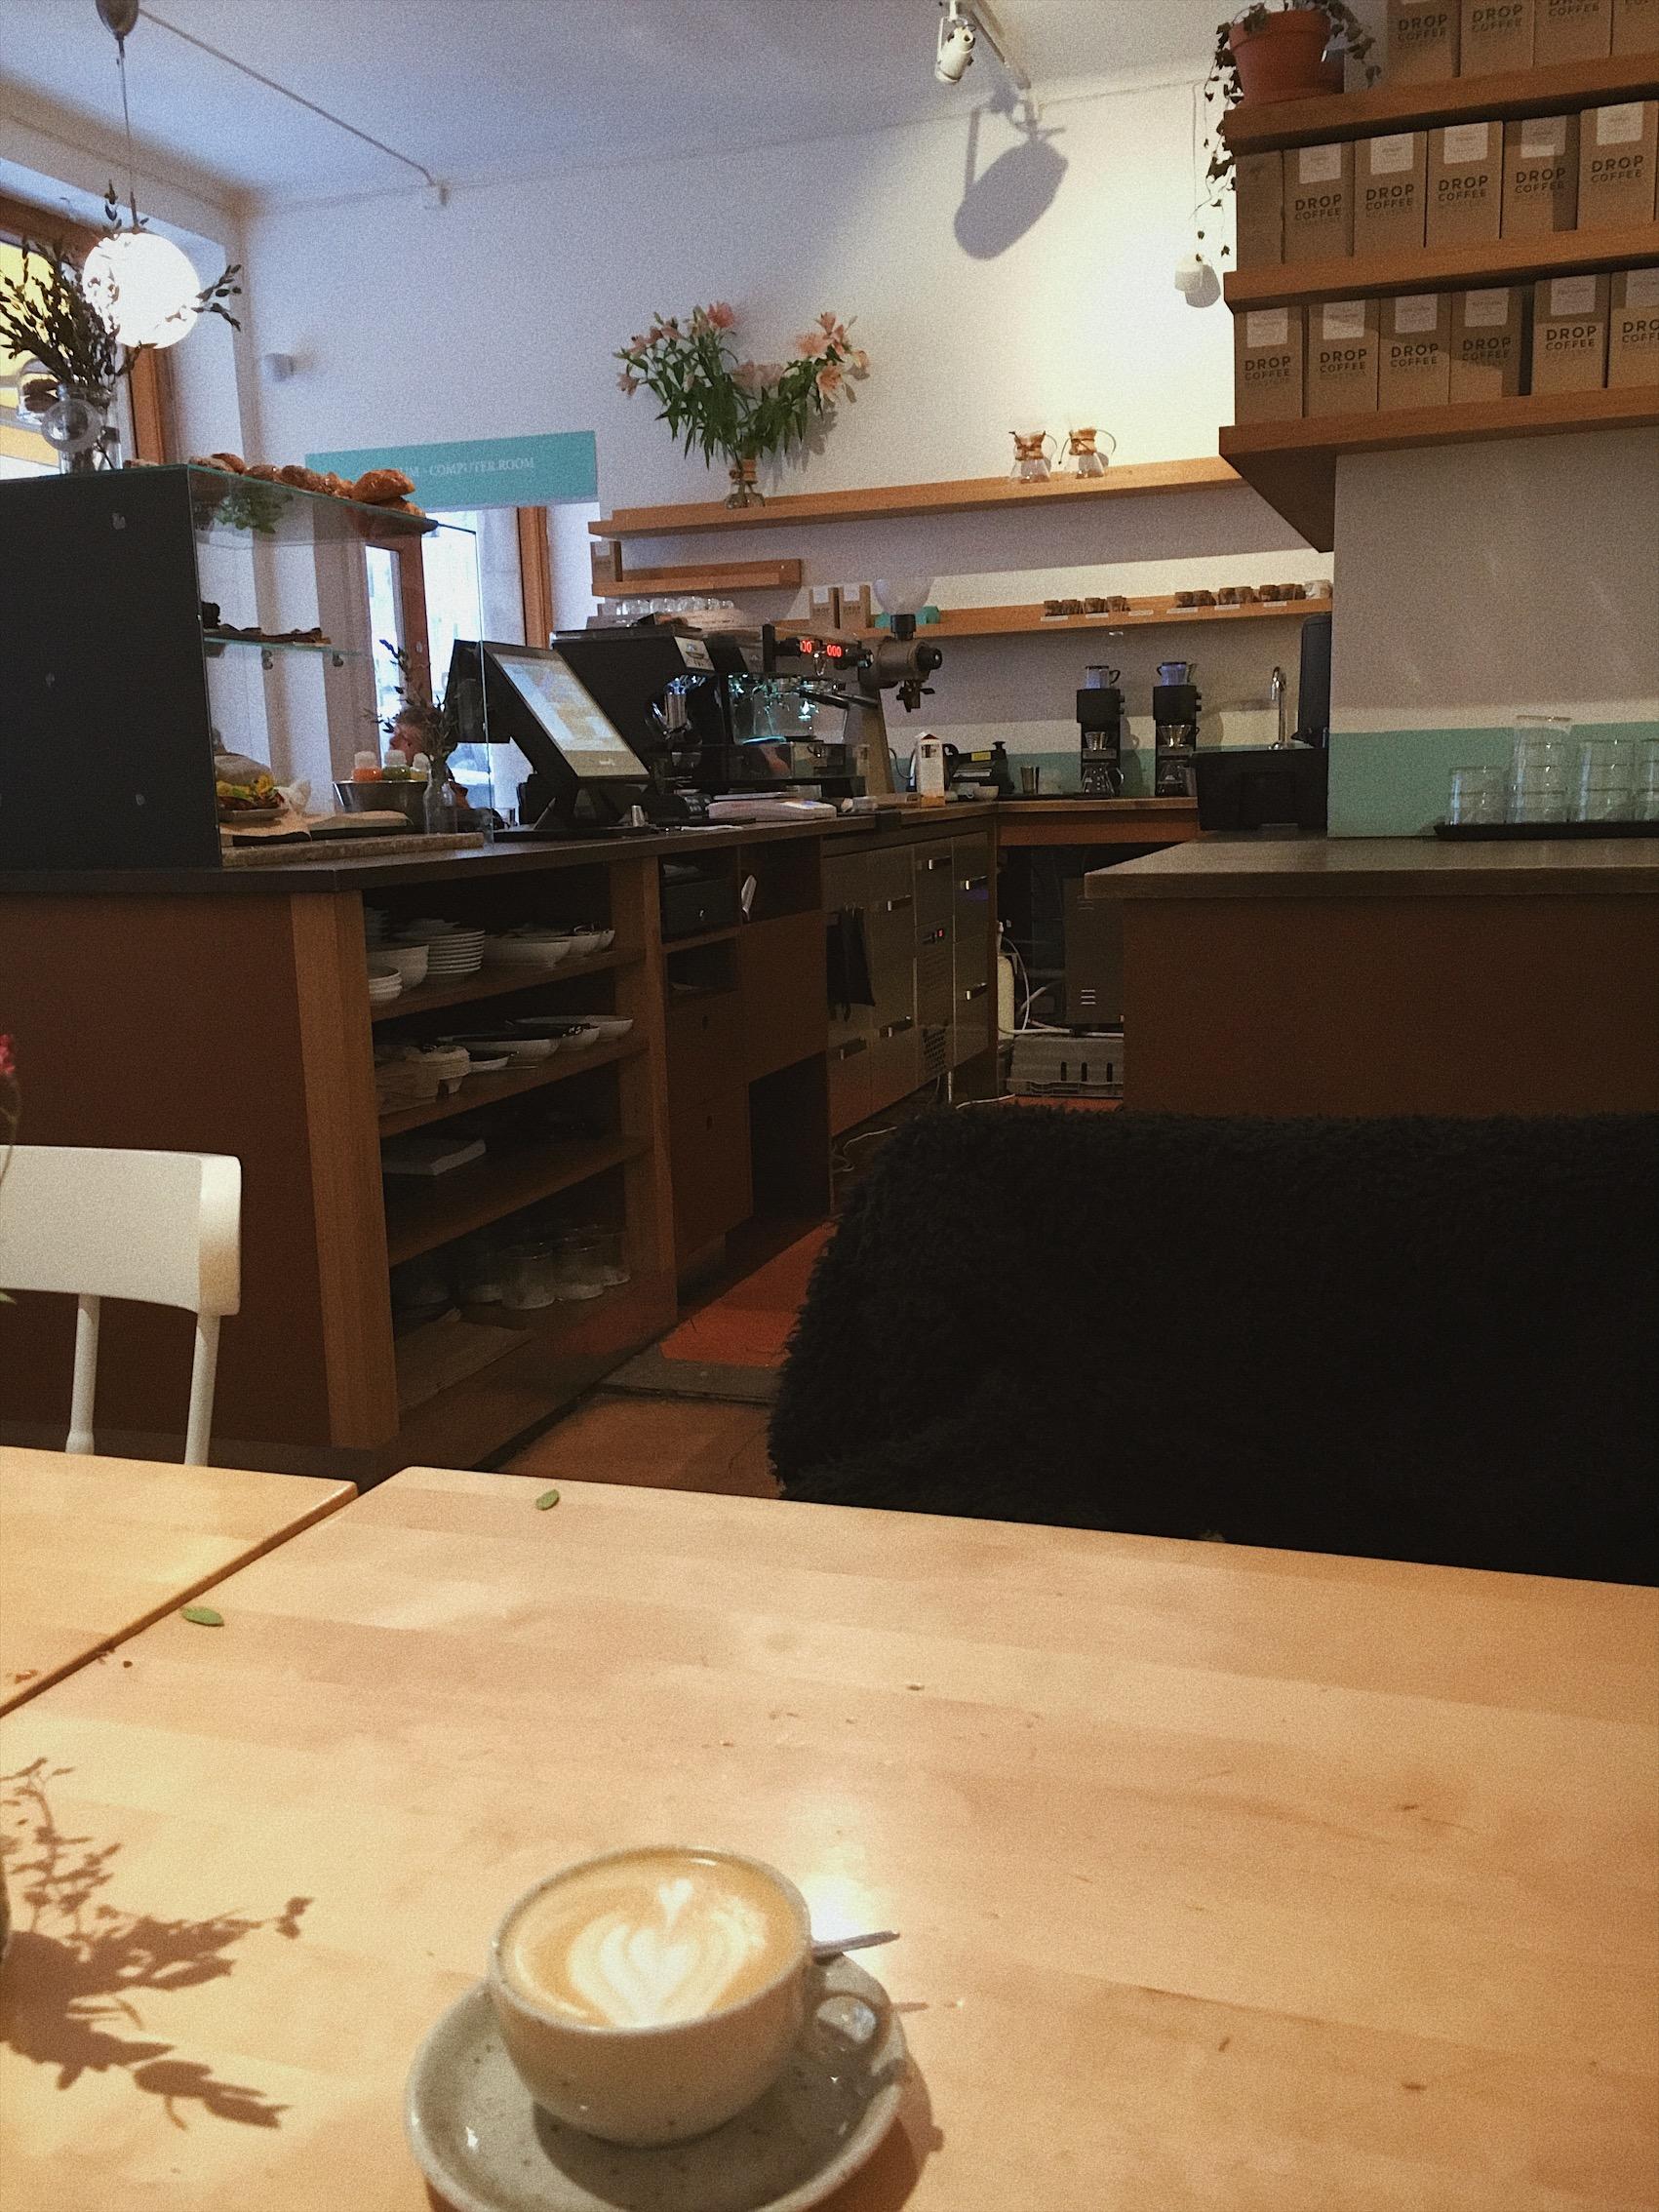 Drop Coffee, Wollmar Yxkullsgatan 10 - Mån-Fre: 08:30-18Lör-Sön: 10-18Bryggkaffe kostar 30-48 kr, cappuccino 40 kr.Flerfaldigt prisade för sina kaffebönor, baristakunskaper och latte-art med eget rosteri.Här är latten skummad till perfektion och cappuccinon så vältempererad att du kan hälla i dig den på en gång.Stilleben av samtida hipsterkultur och Södermalmskärna. Datorsal för slitande frilansare, dyrare mackor än vad CSN tillåter och stilmedvetna koppar. En tugga av hipstermetropolen Berlin.